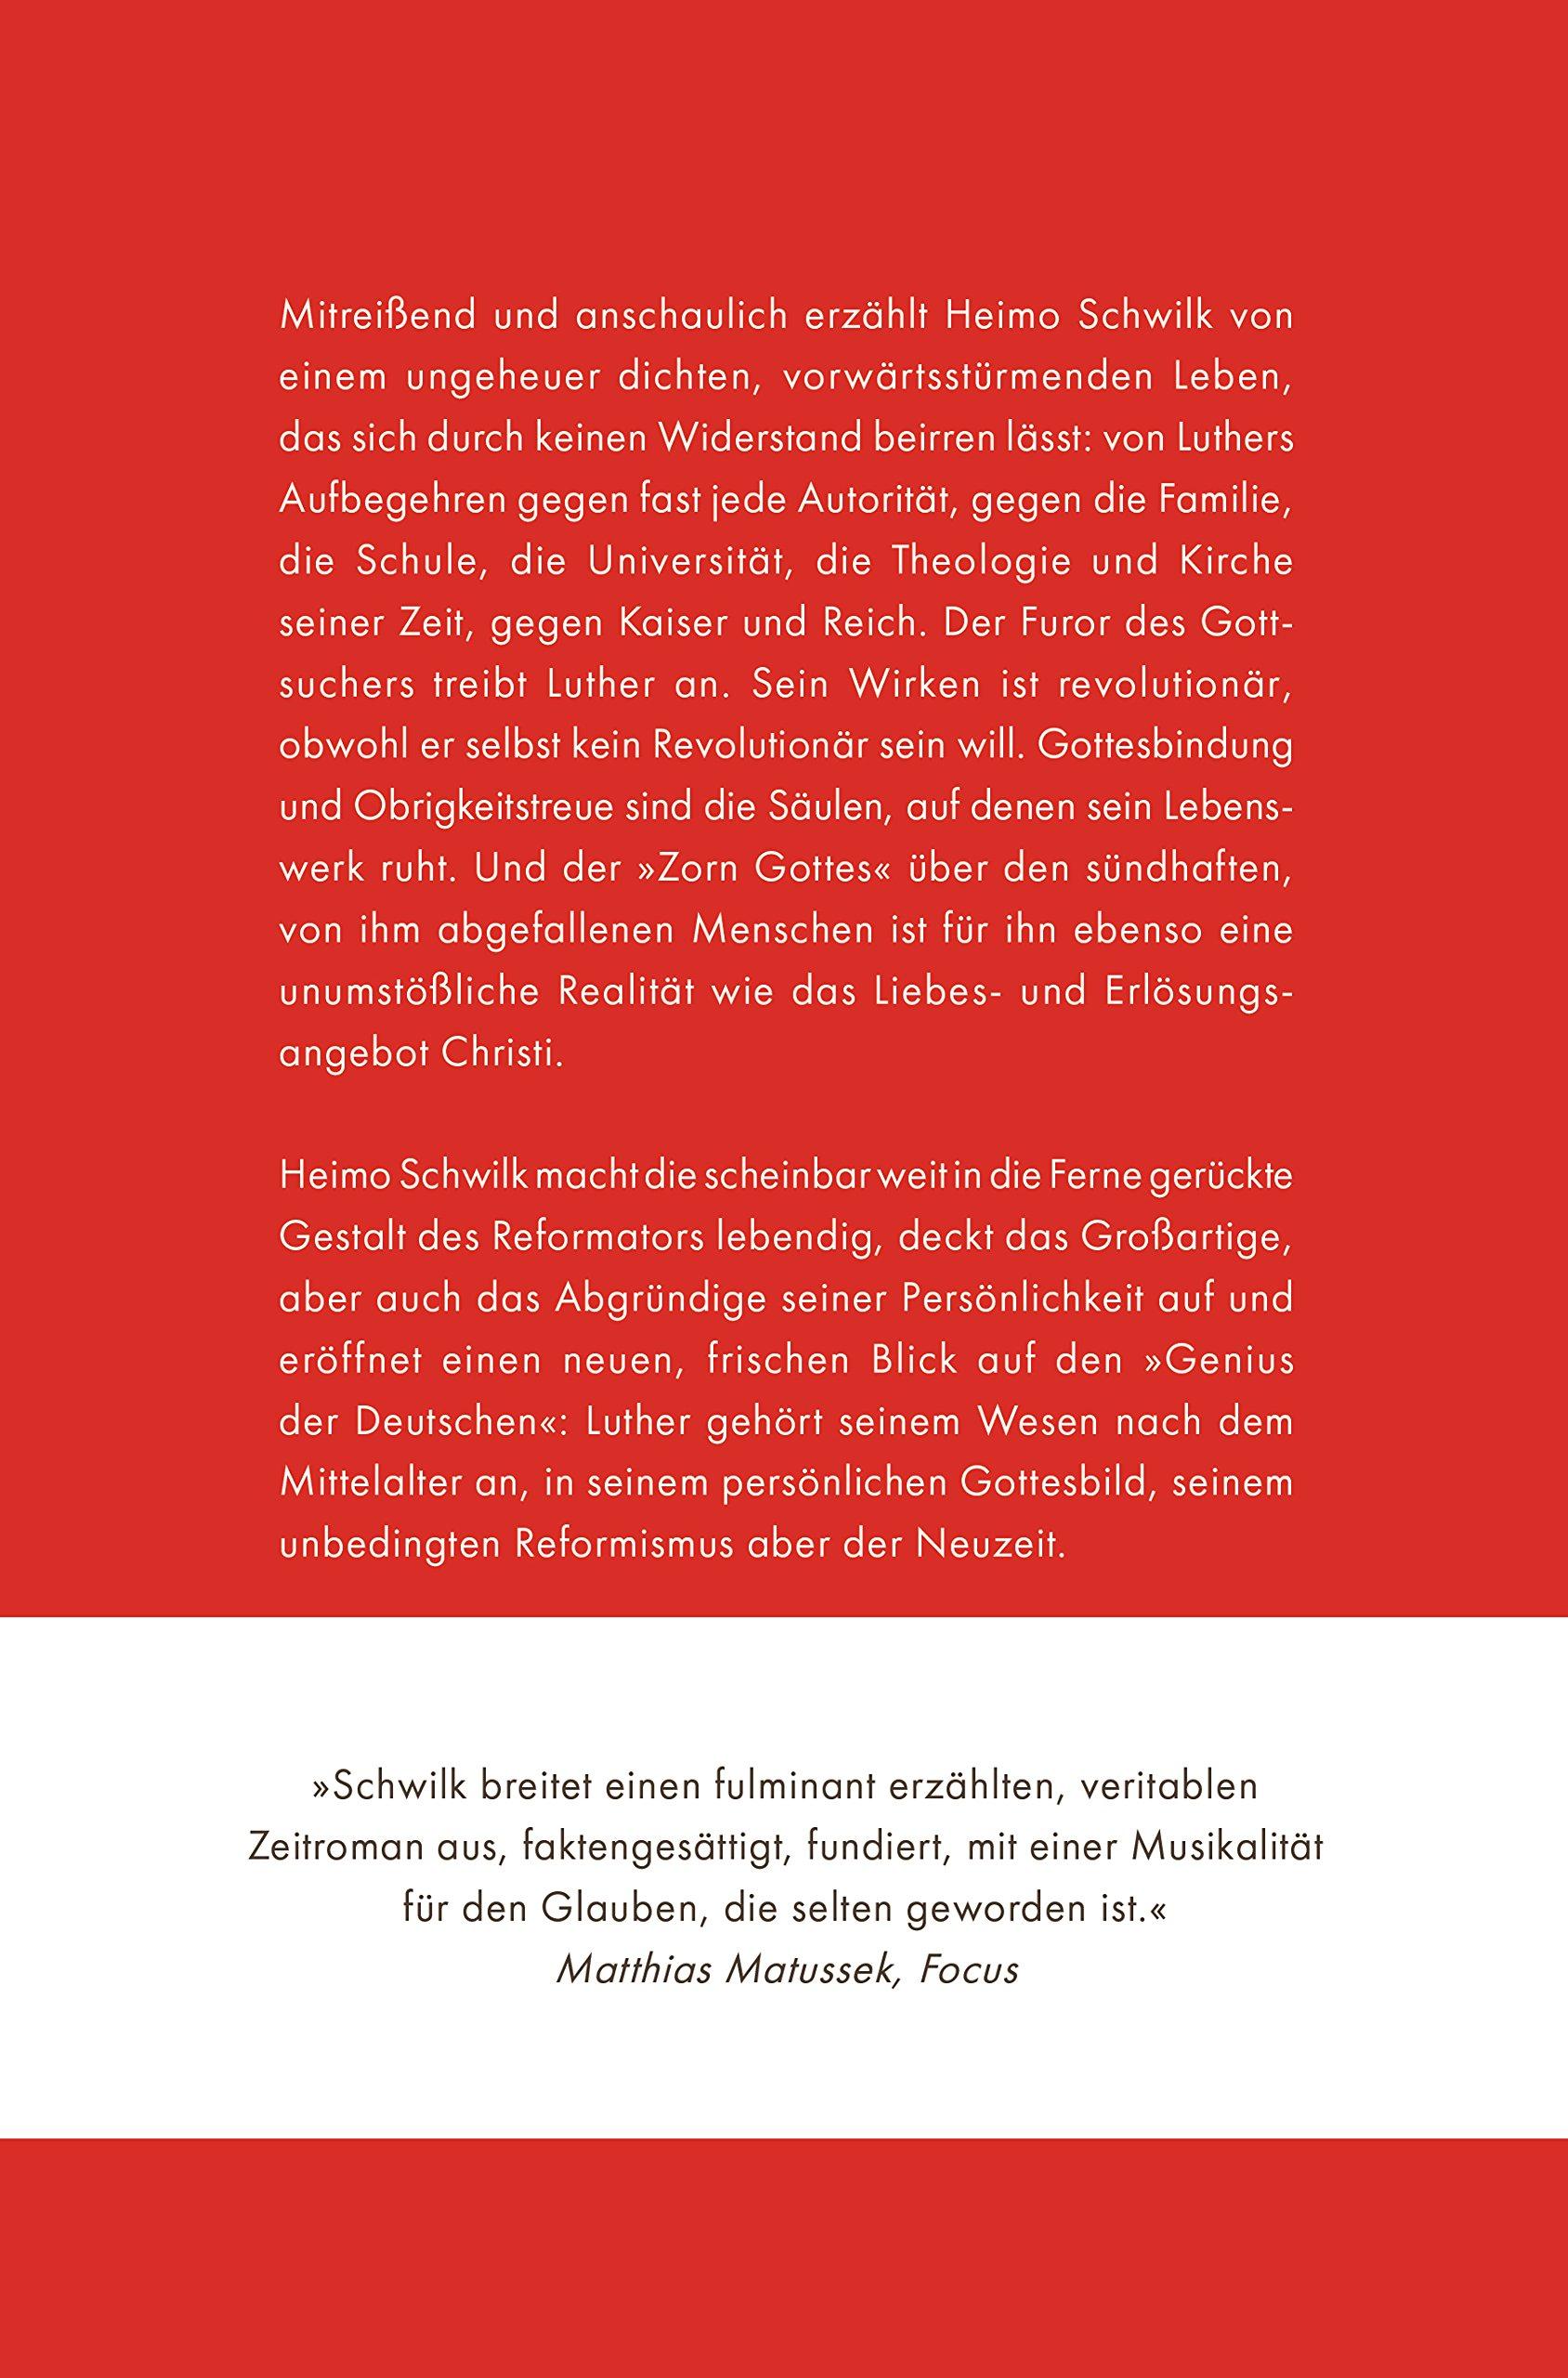 Luther Der Zorn Gottes Biografie Amazon Heimo Schwilk Bücher